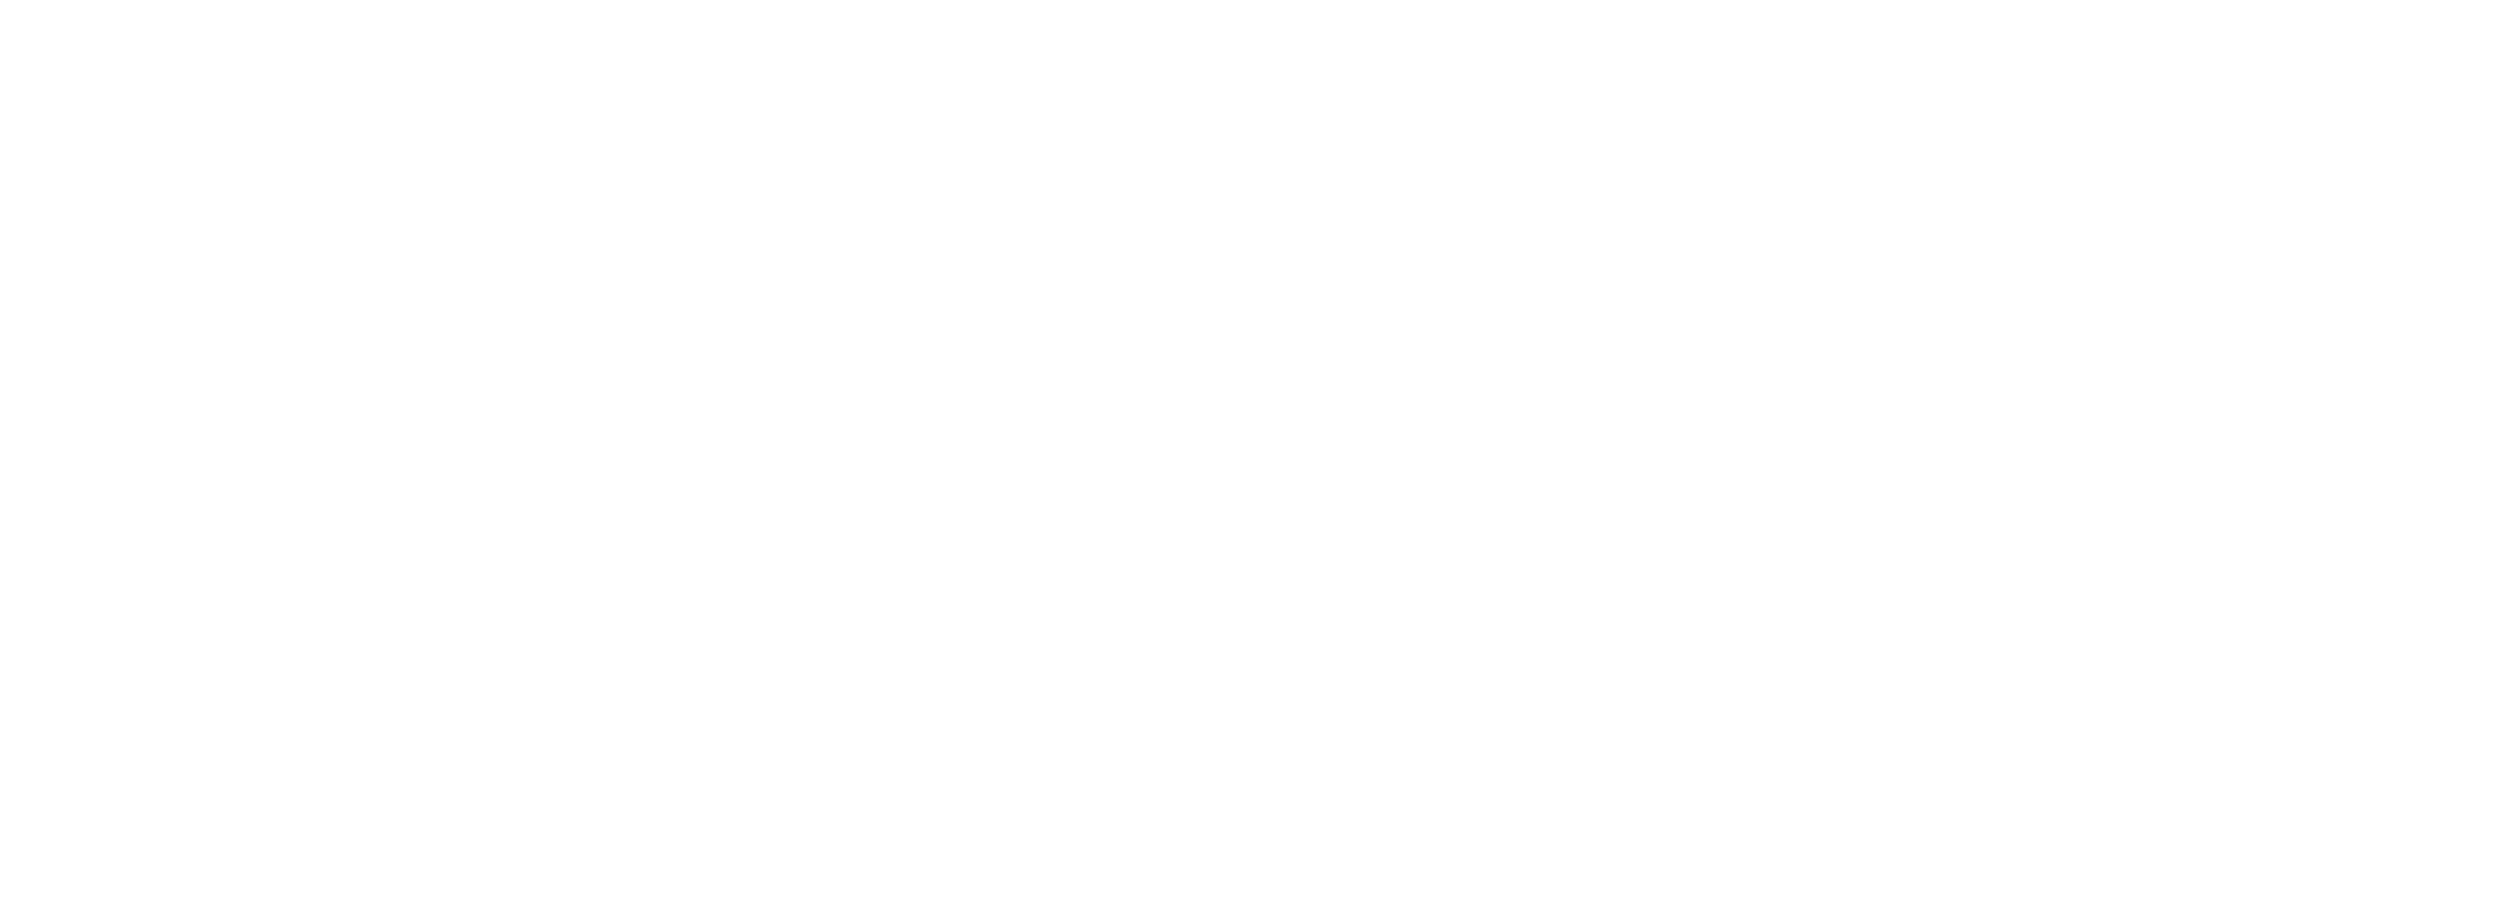 Faction_Branding_Full Size White.png